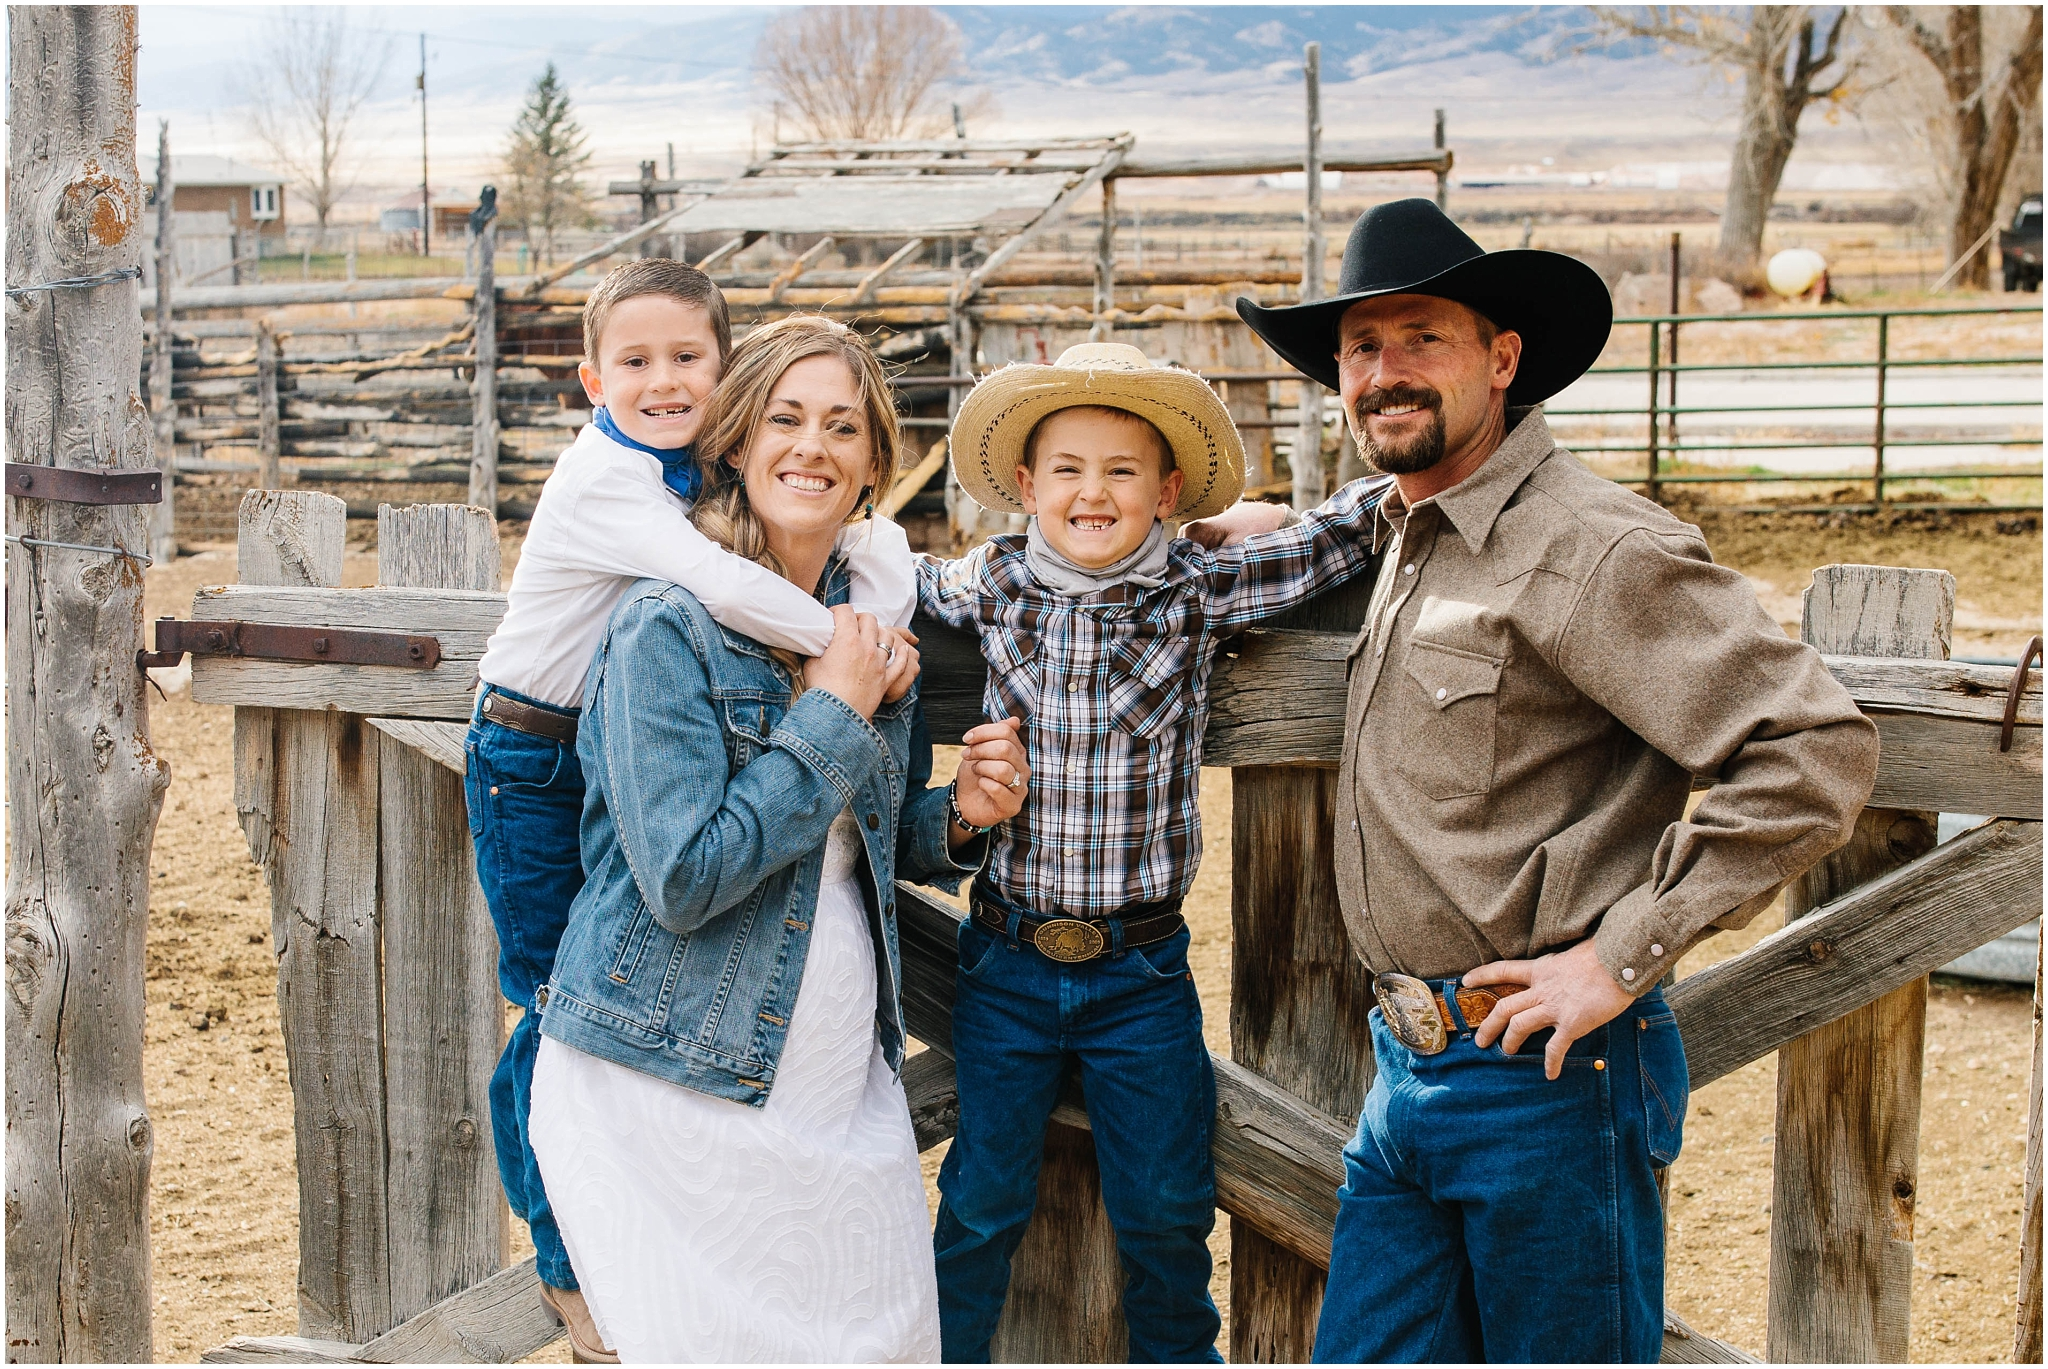 Lister-17_Lizzie-B-Imagery-Utah-Family-Photographer-Salt-Lake-City-Park-City-Utah-County.jpg